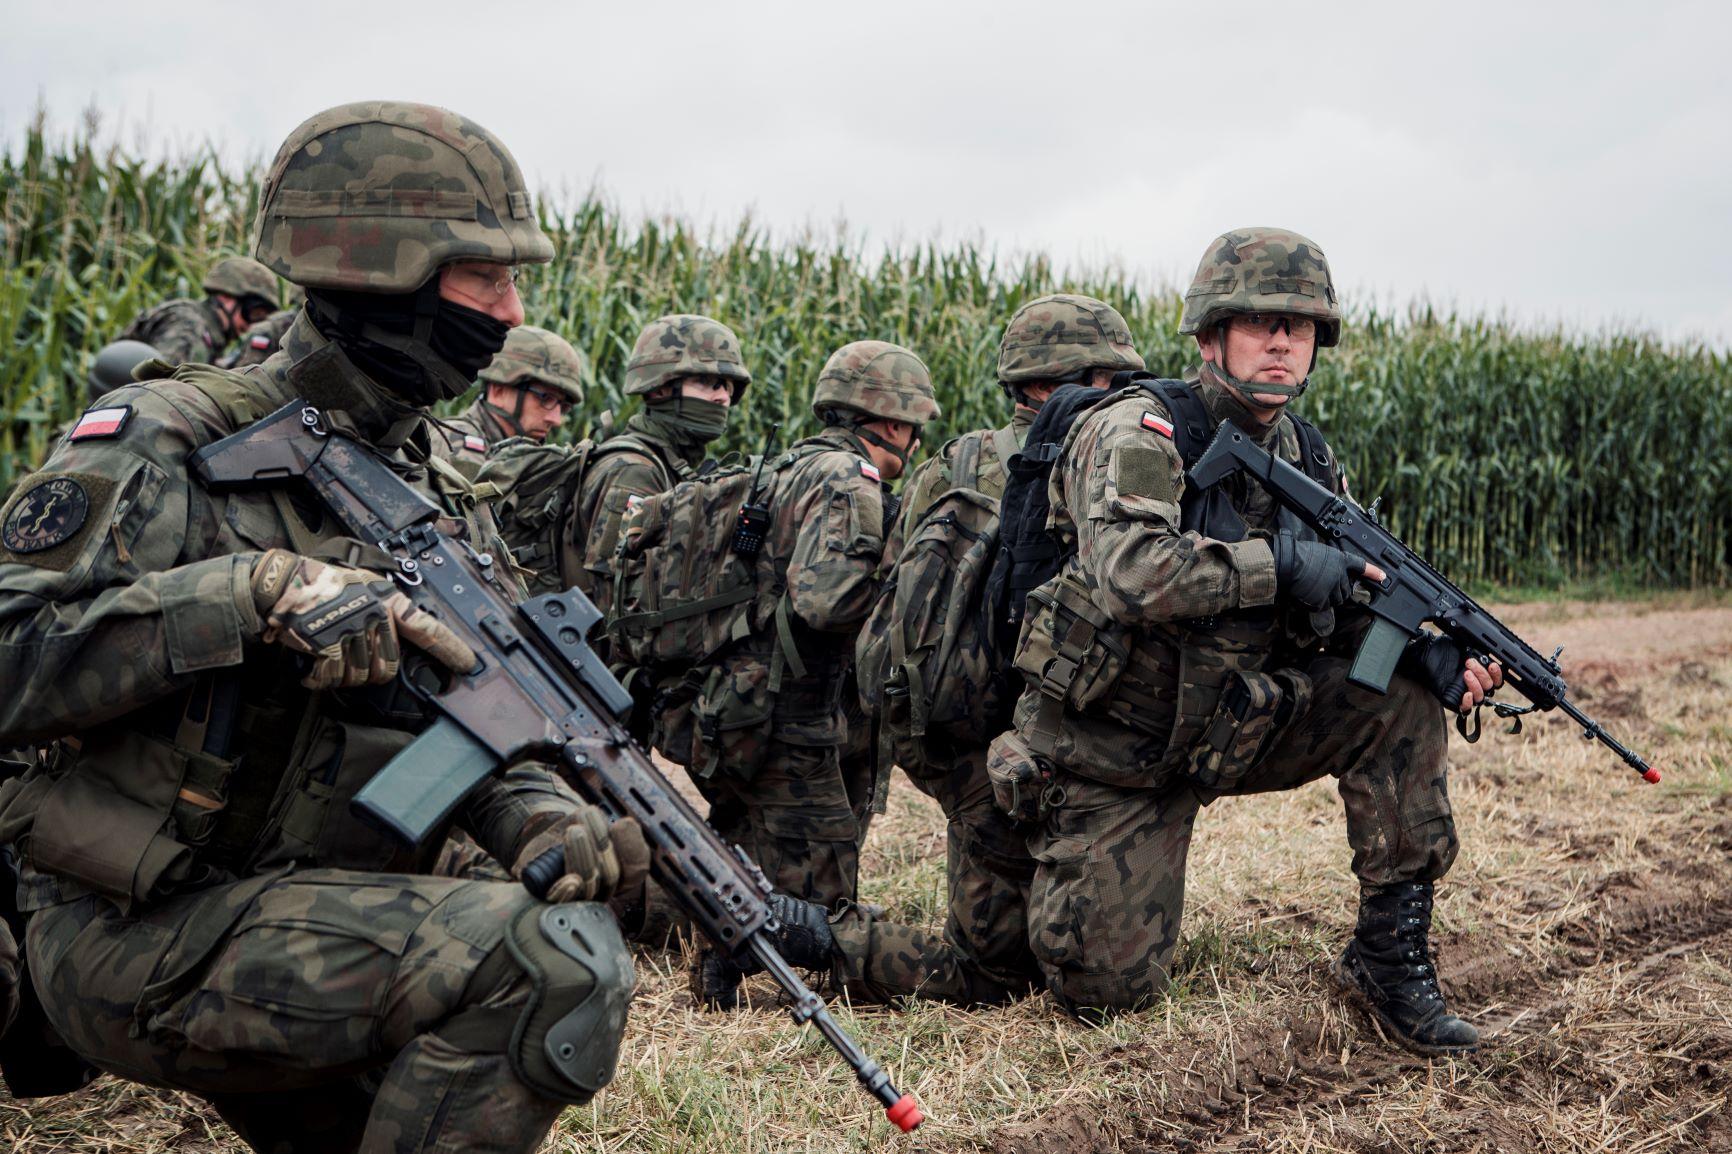 Województwo lubelskie: Terytorialsi znowu się szkolą - Zdjęcie główne